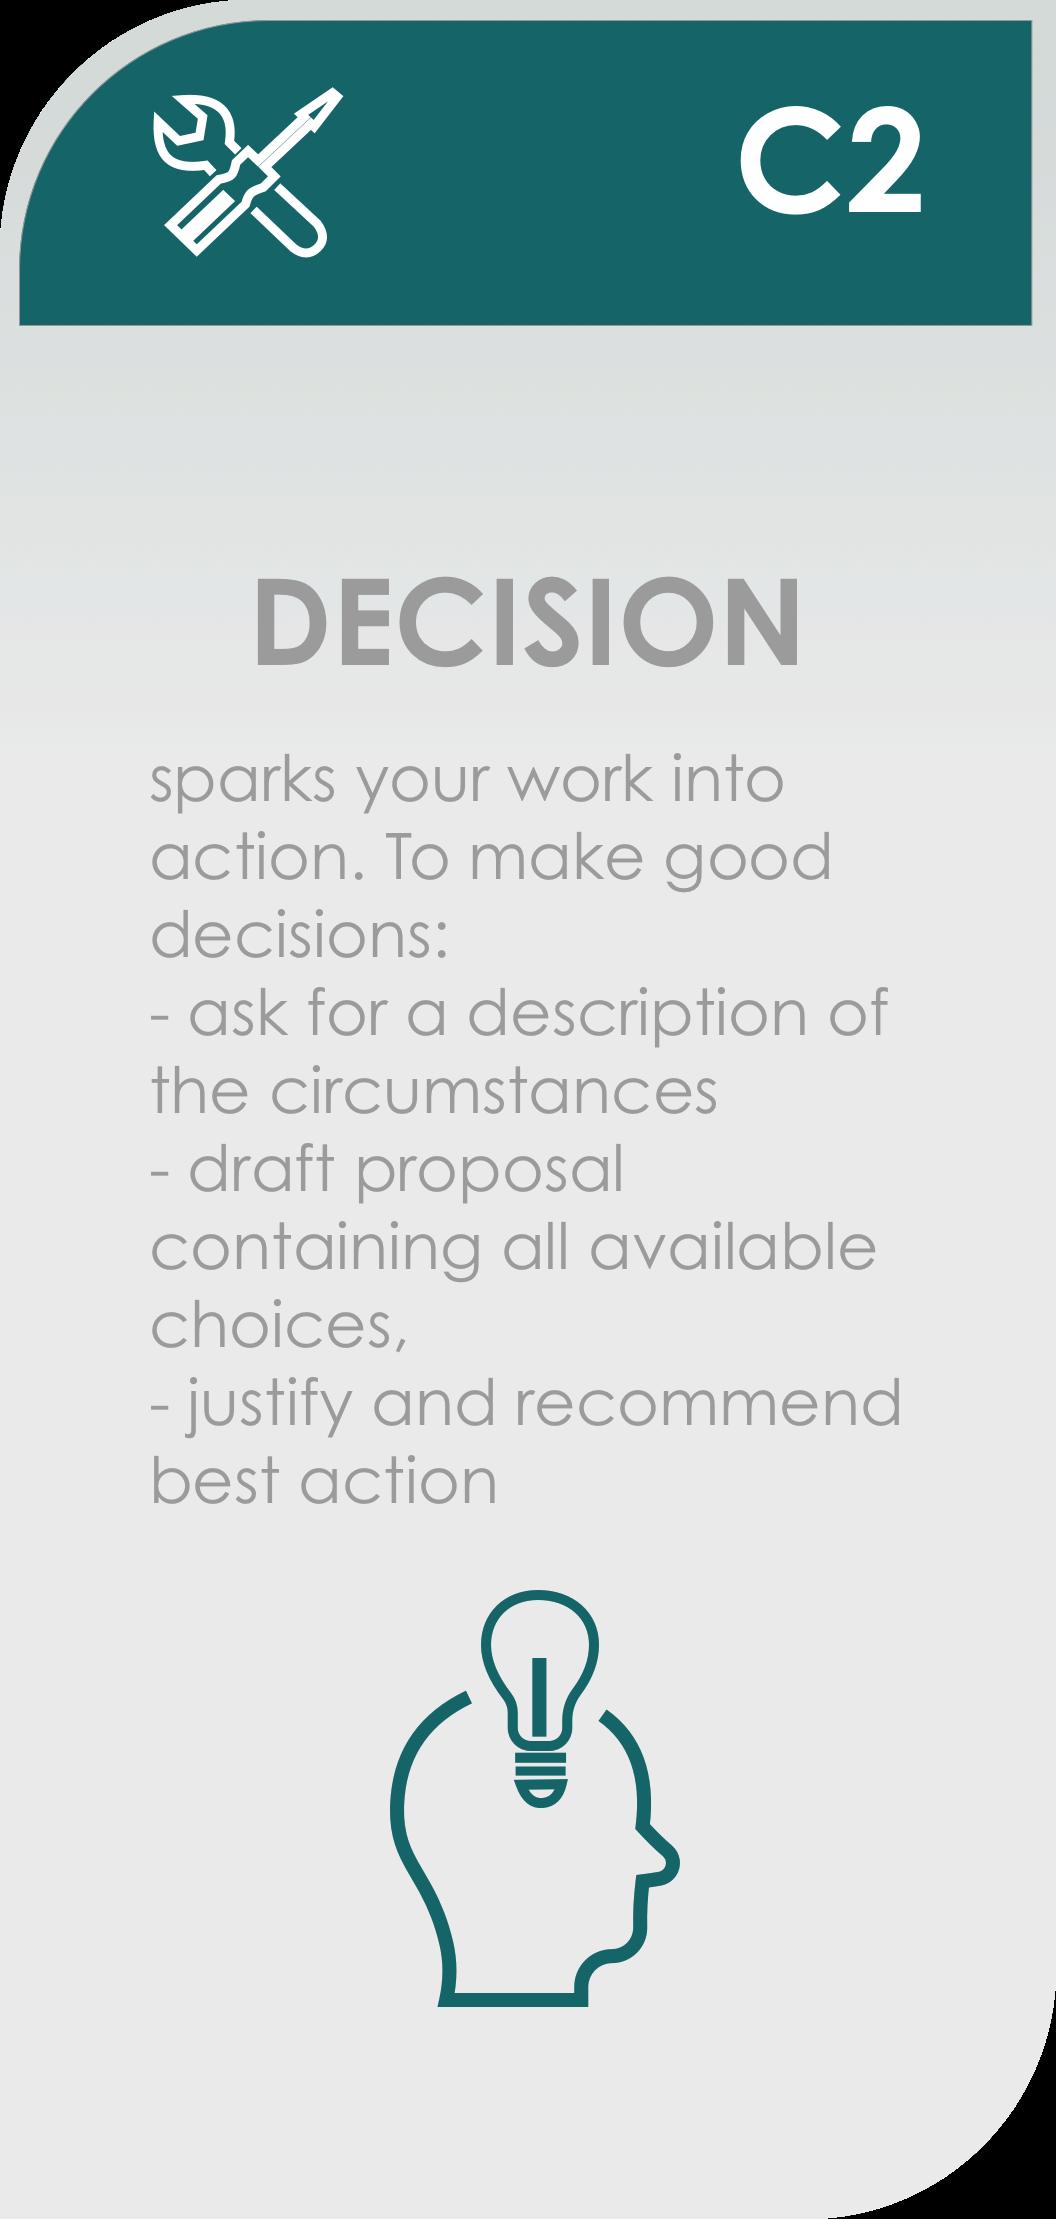 C2 - DECISION.png